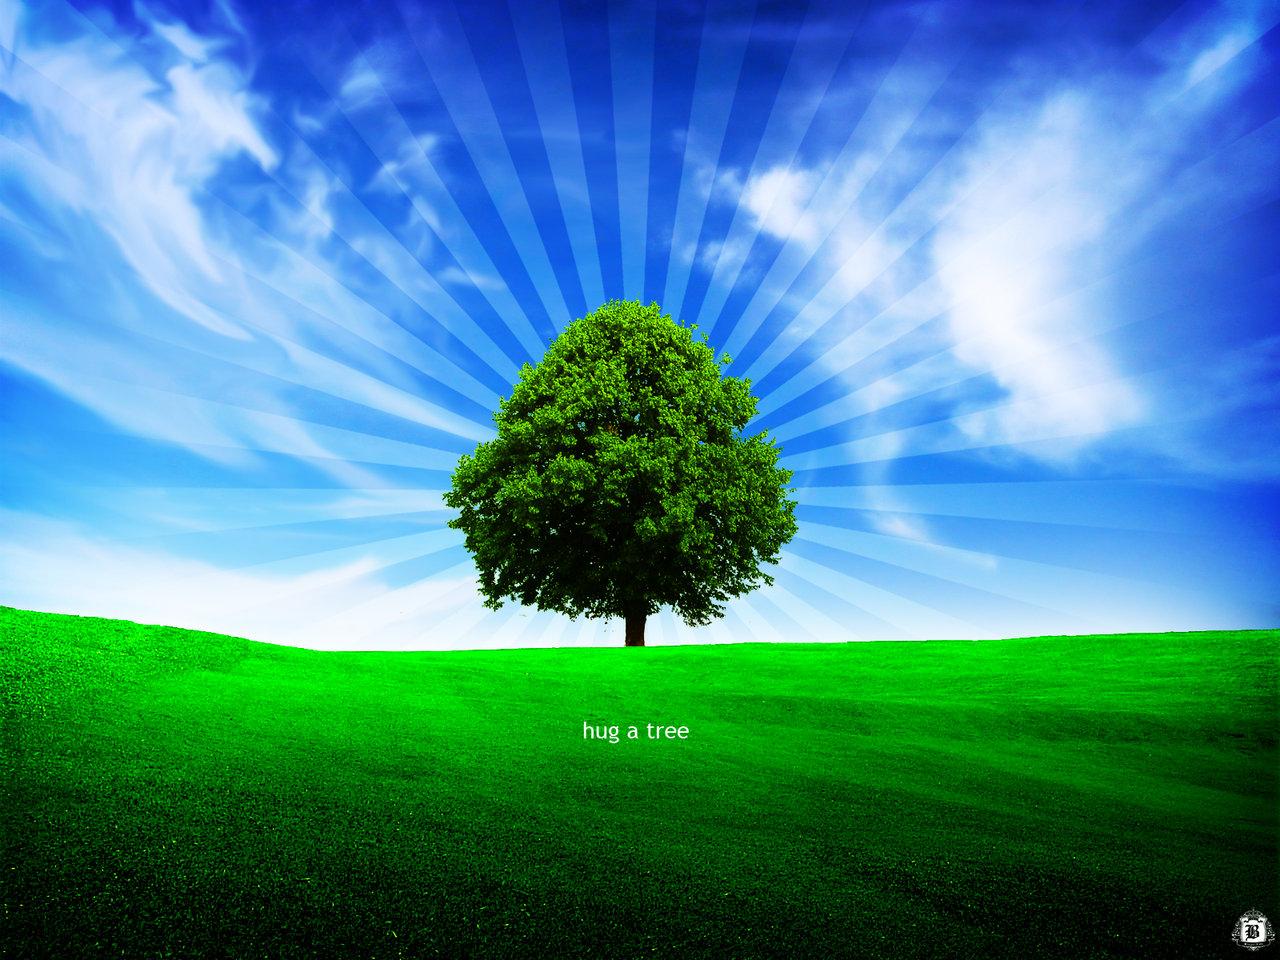 http://2.bp.blogspot.com/_ZJXgVeR9EN8/TApkjoRrE1I/AAAAAAAAADA/WTnYoTTnsS8/s1600/hug_a_tree_by_goergen.jpg